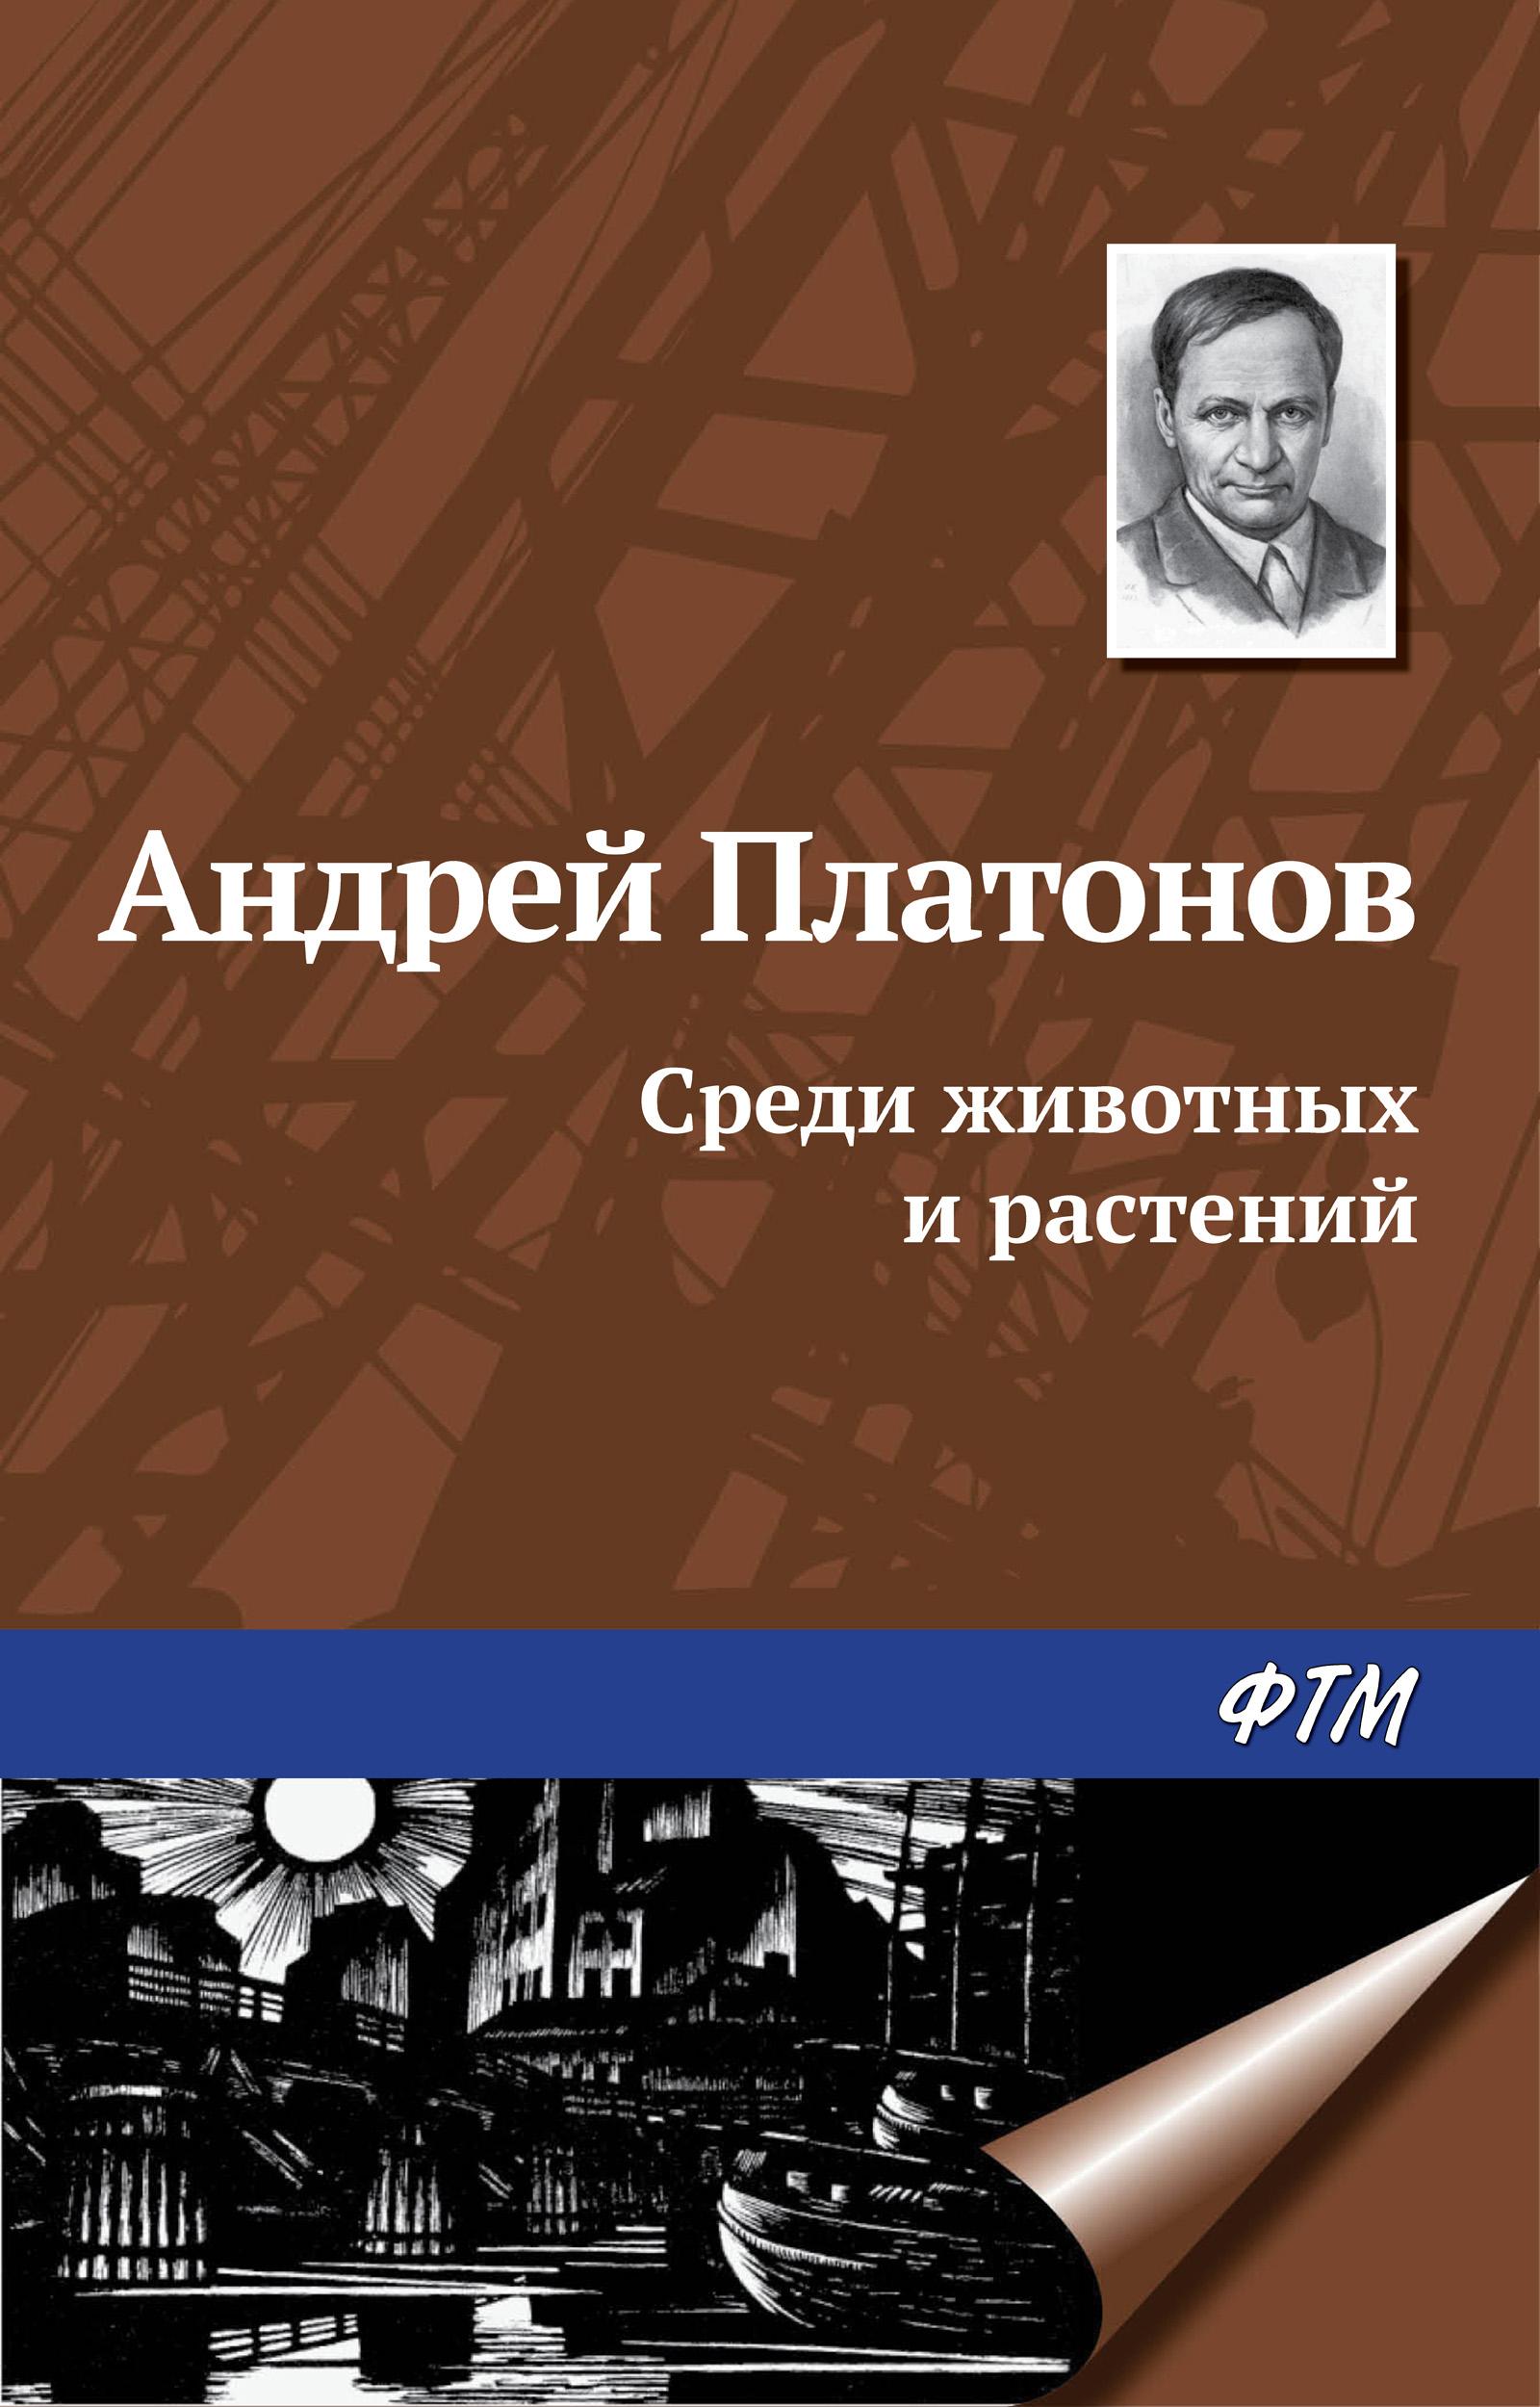 Андрей Платонов Среди животных и растений